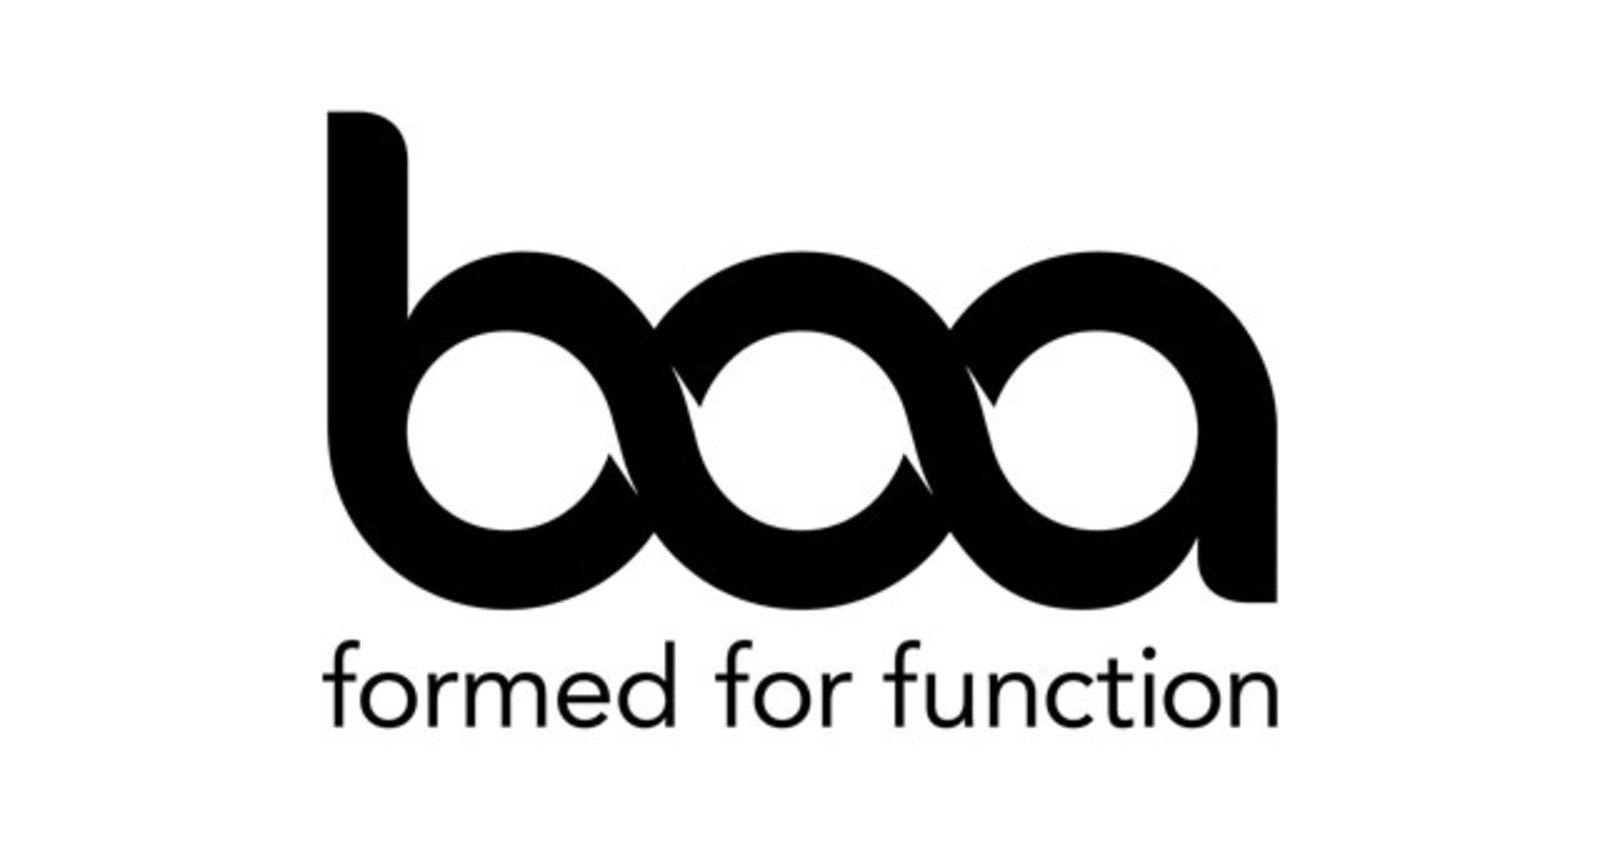 Boa Corporate Identity